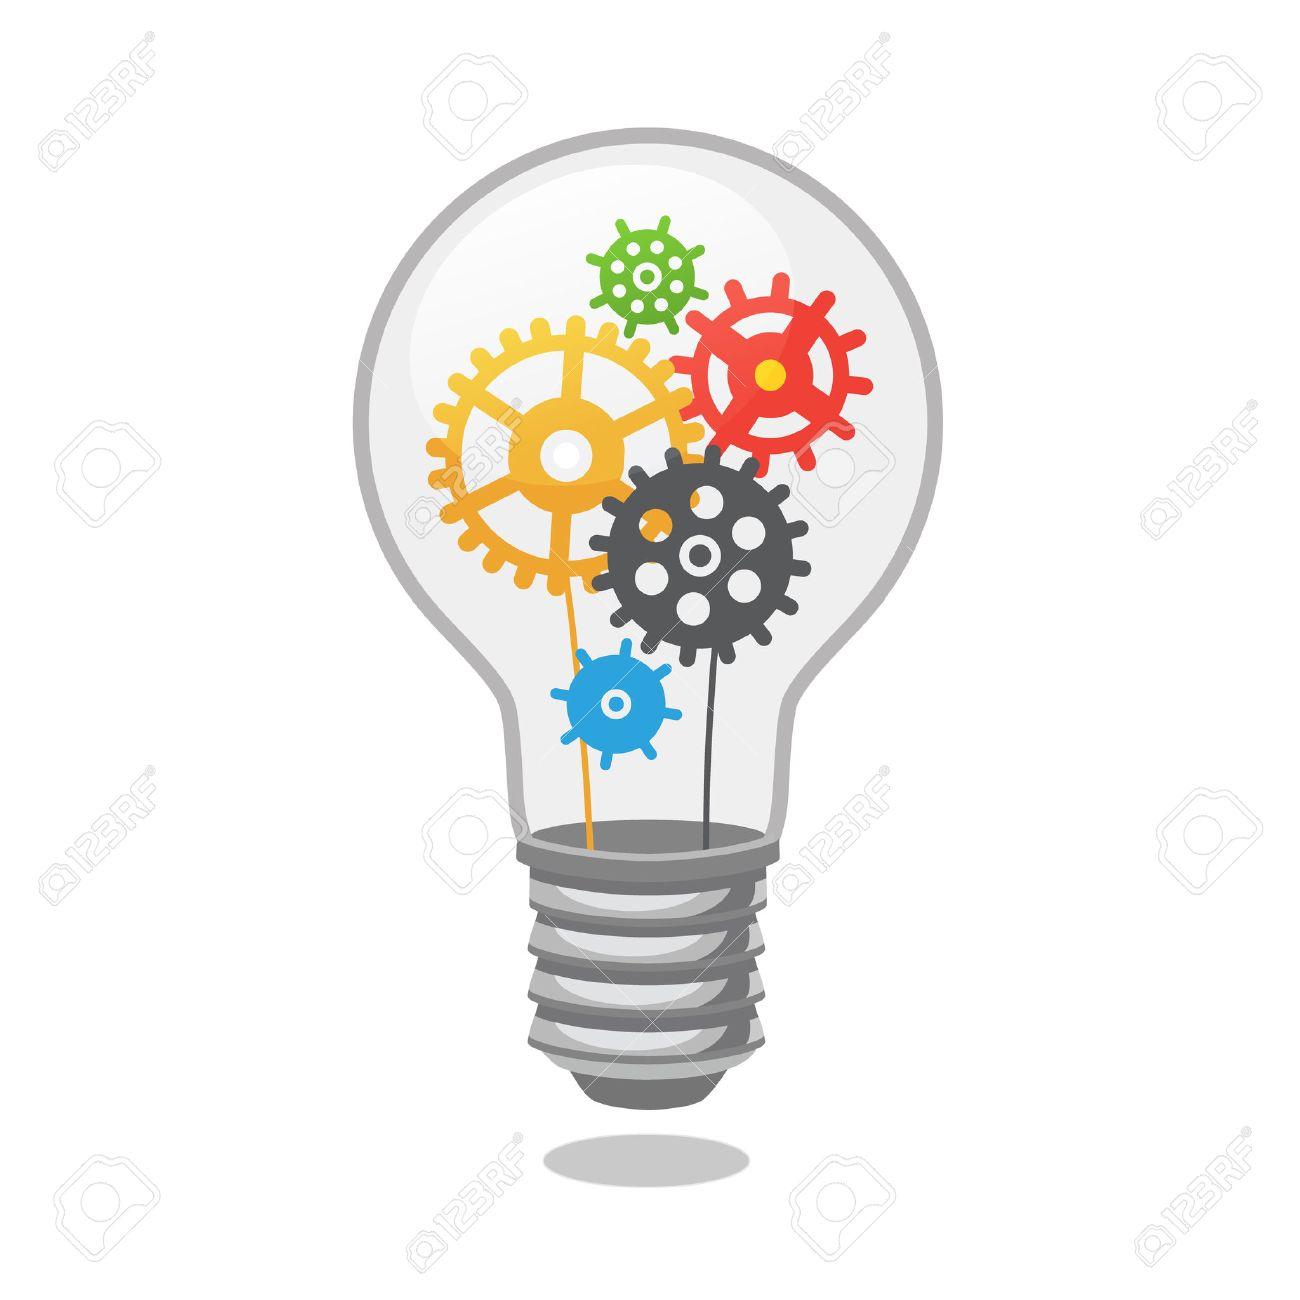 ampoule idee lumineuse avec des rouages le style plat illustration vectorielle isole sur fond blanc